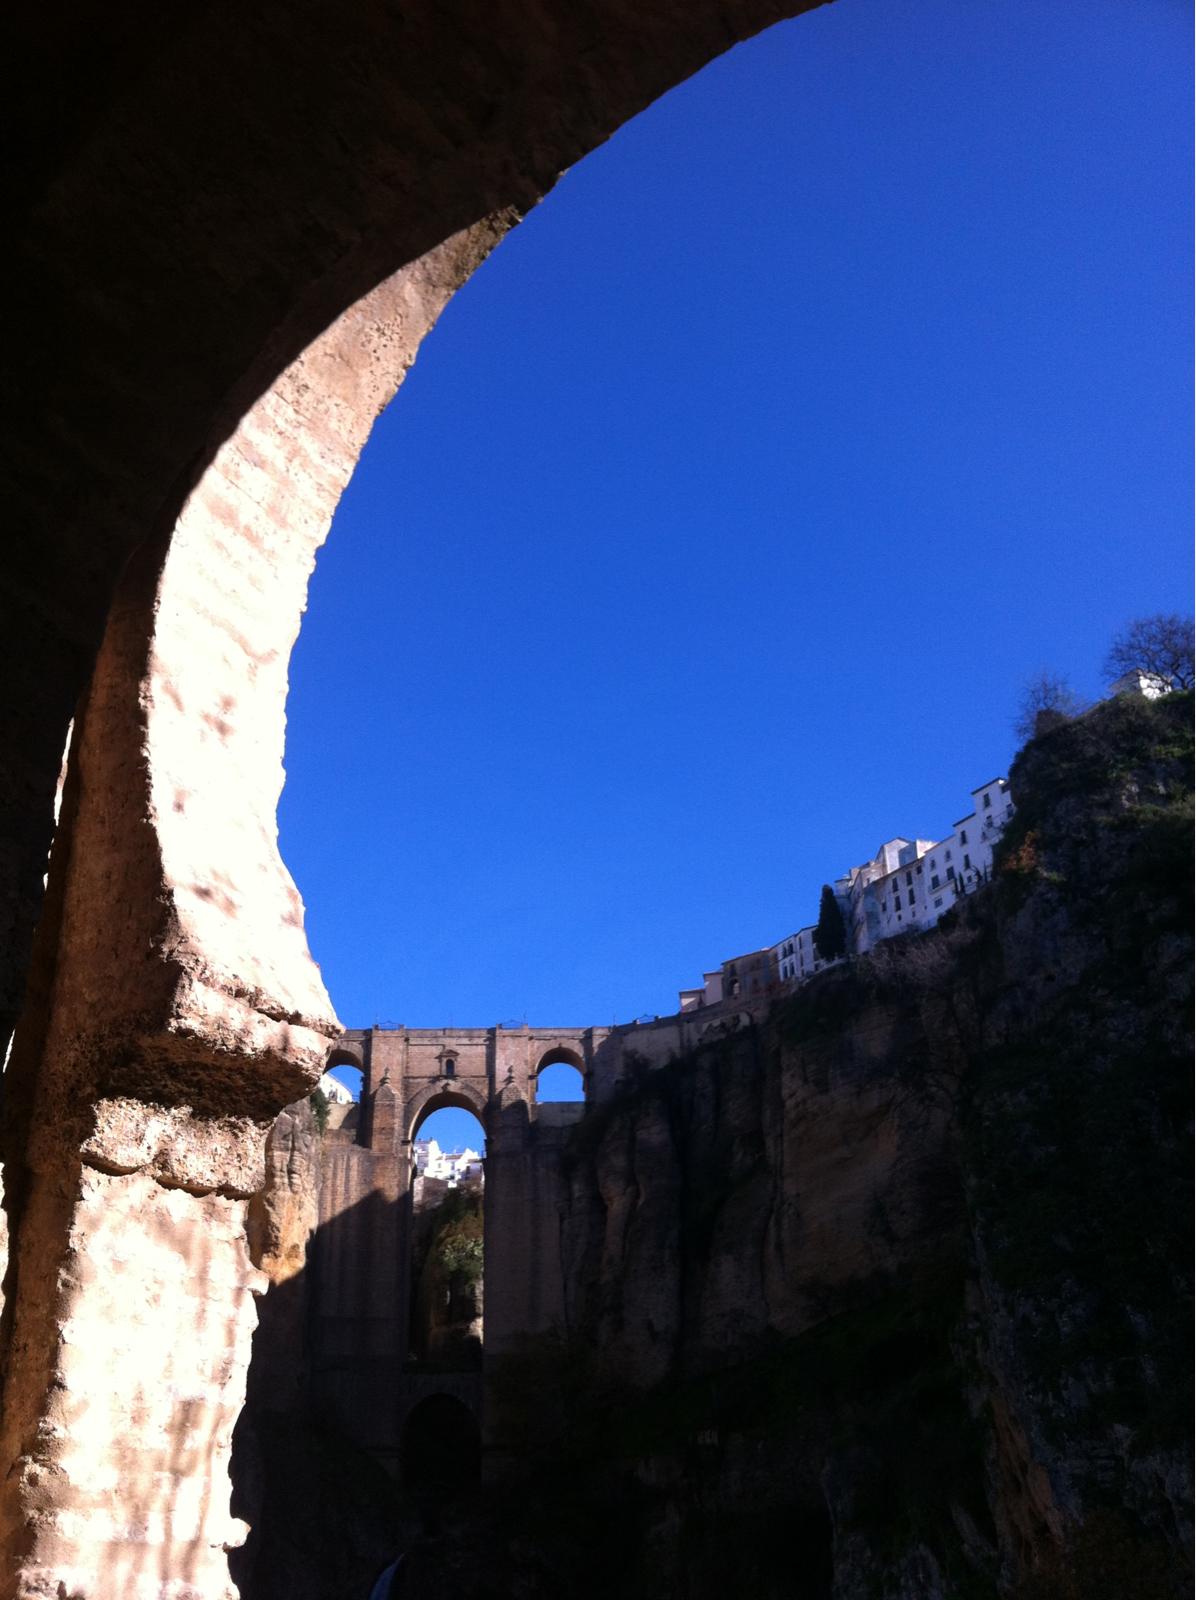 Winter Solstice - Ronda, Andalucia